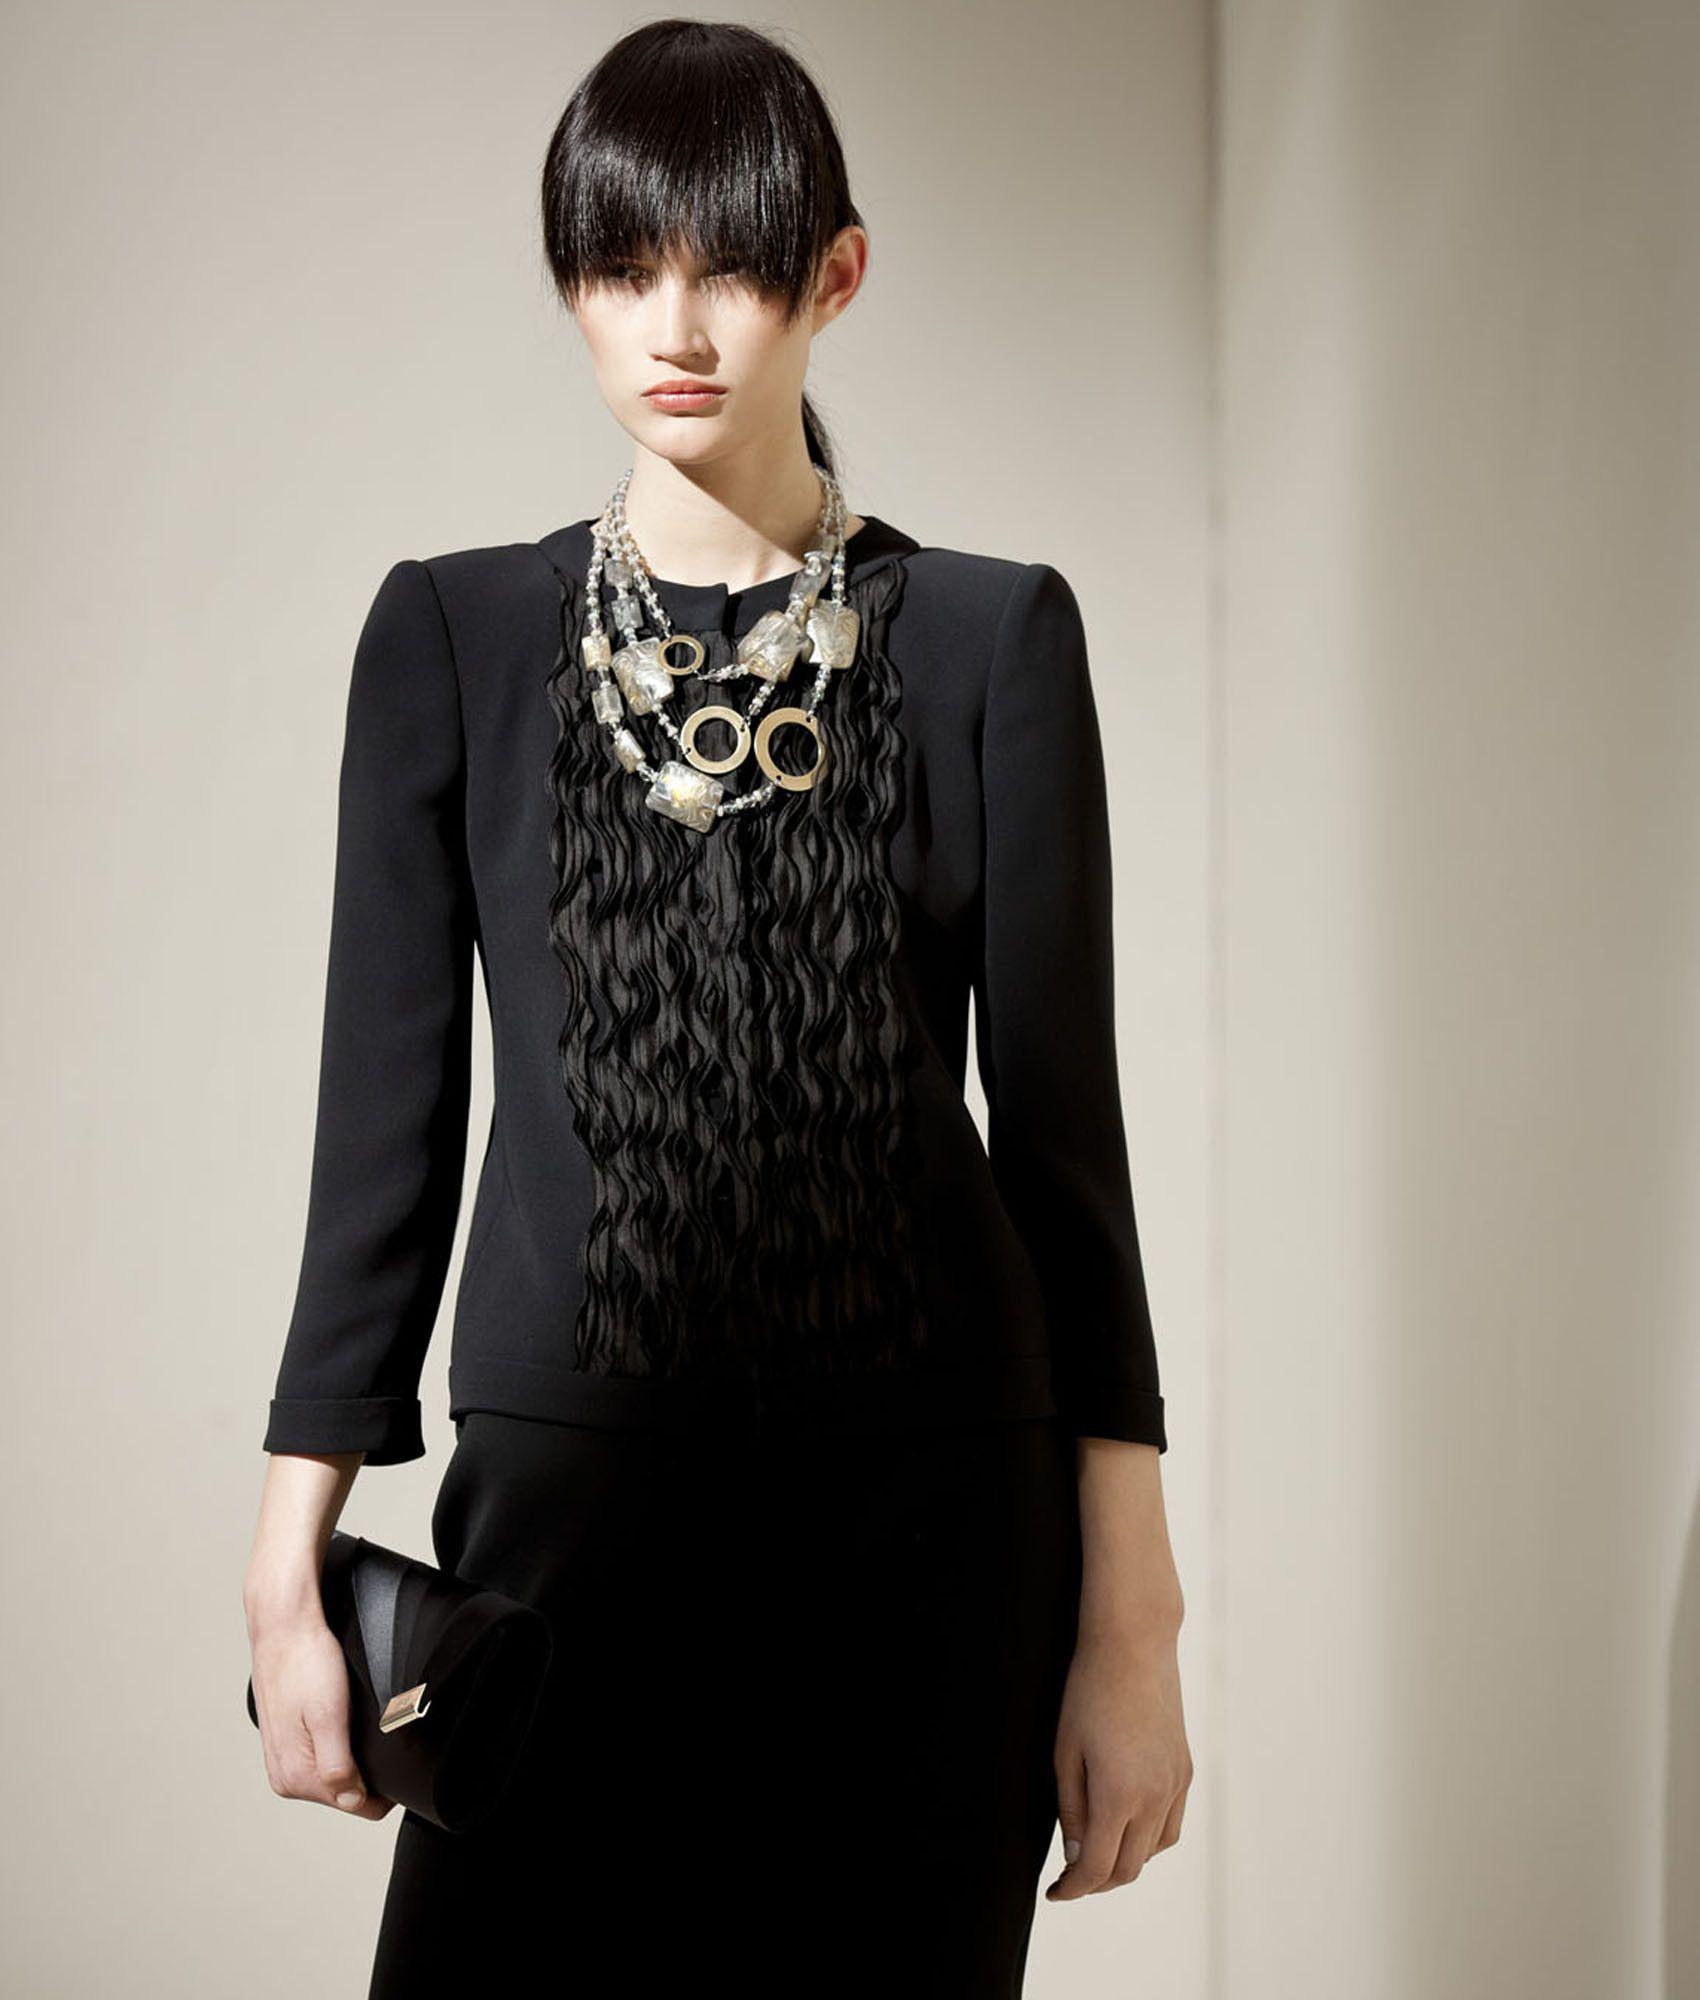 cc39897ac91 ARMANI COLLEZIONI - Women's suit. | Gorgeous | Work suits for women ...